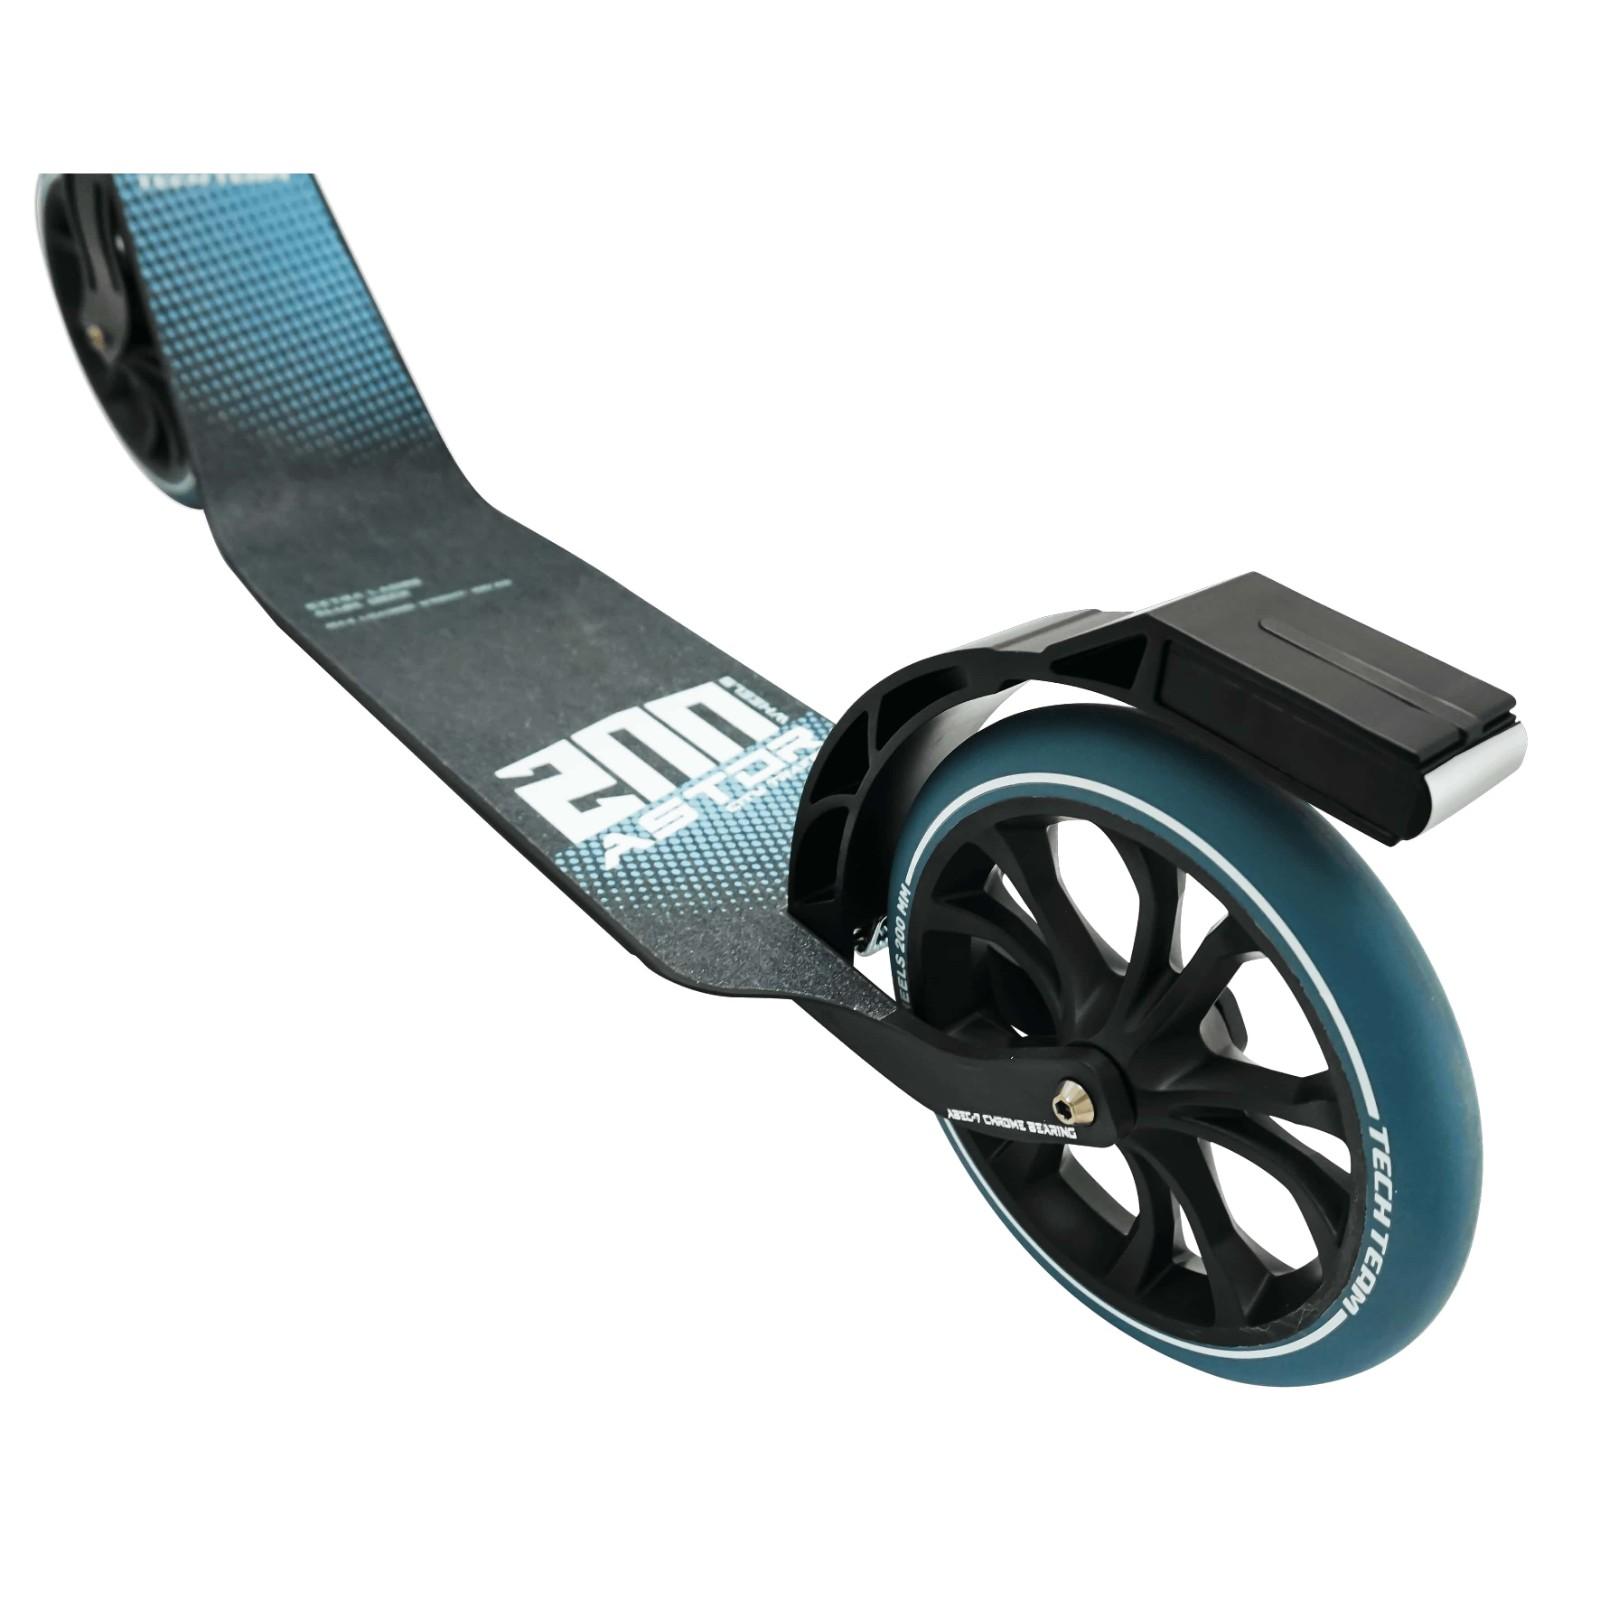 Детский Складной Самокат TechTeam Astor 200 2020 / Черно-синий